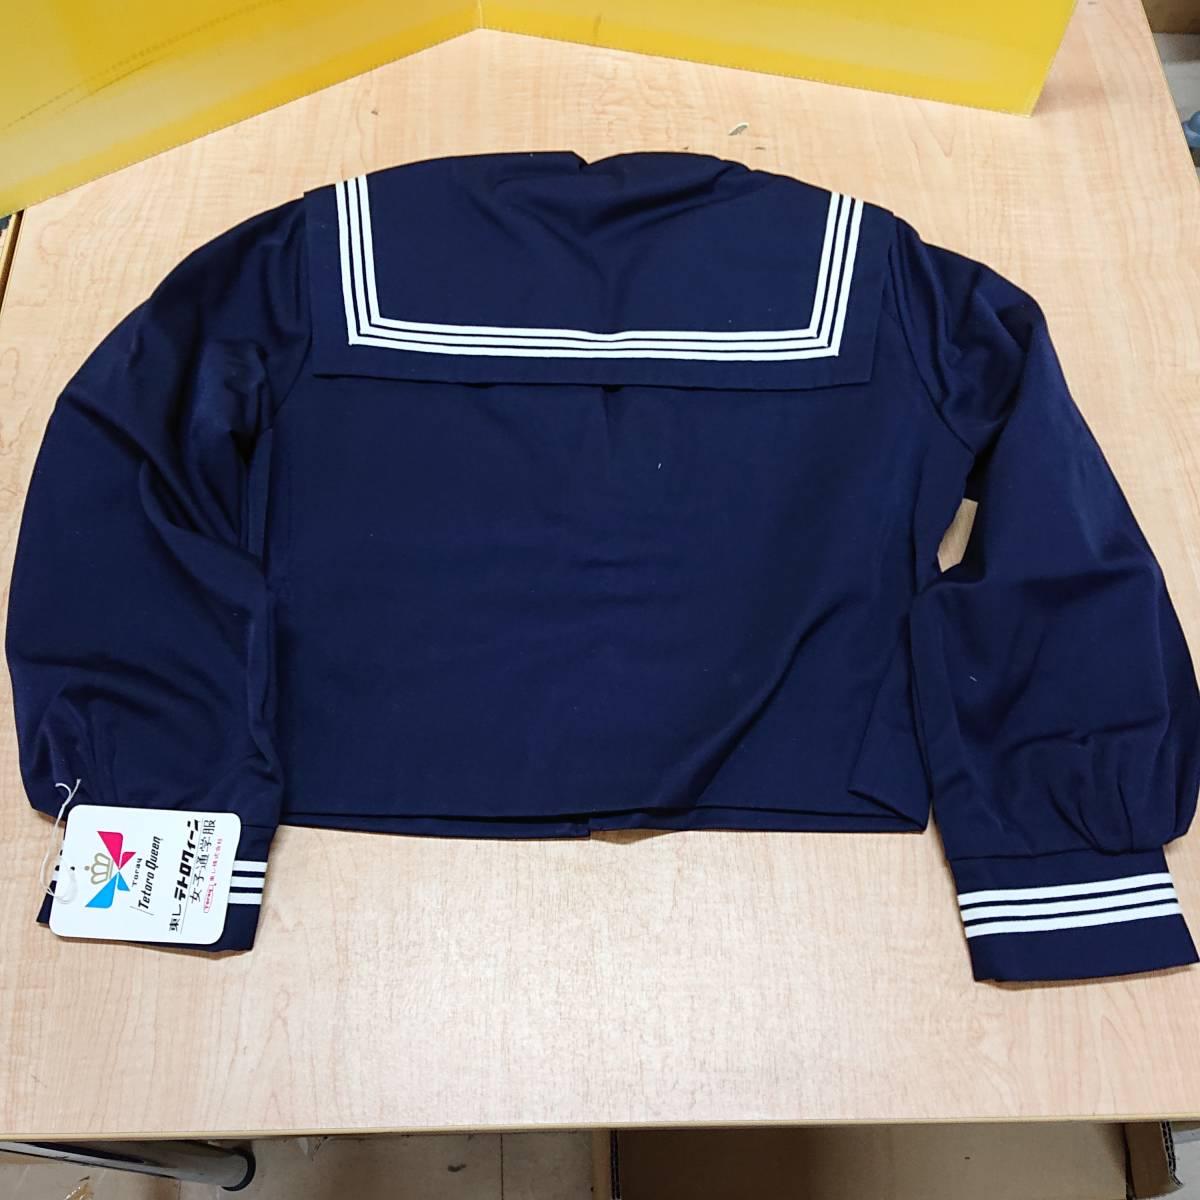 L 女子制服 学生服 通学服 上衣 上のみ サイズ 145(7)_画像5